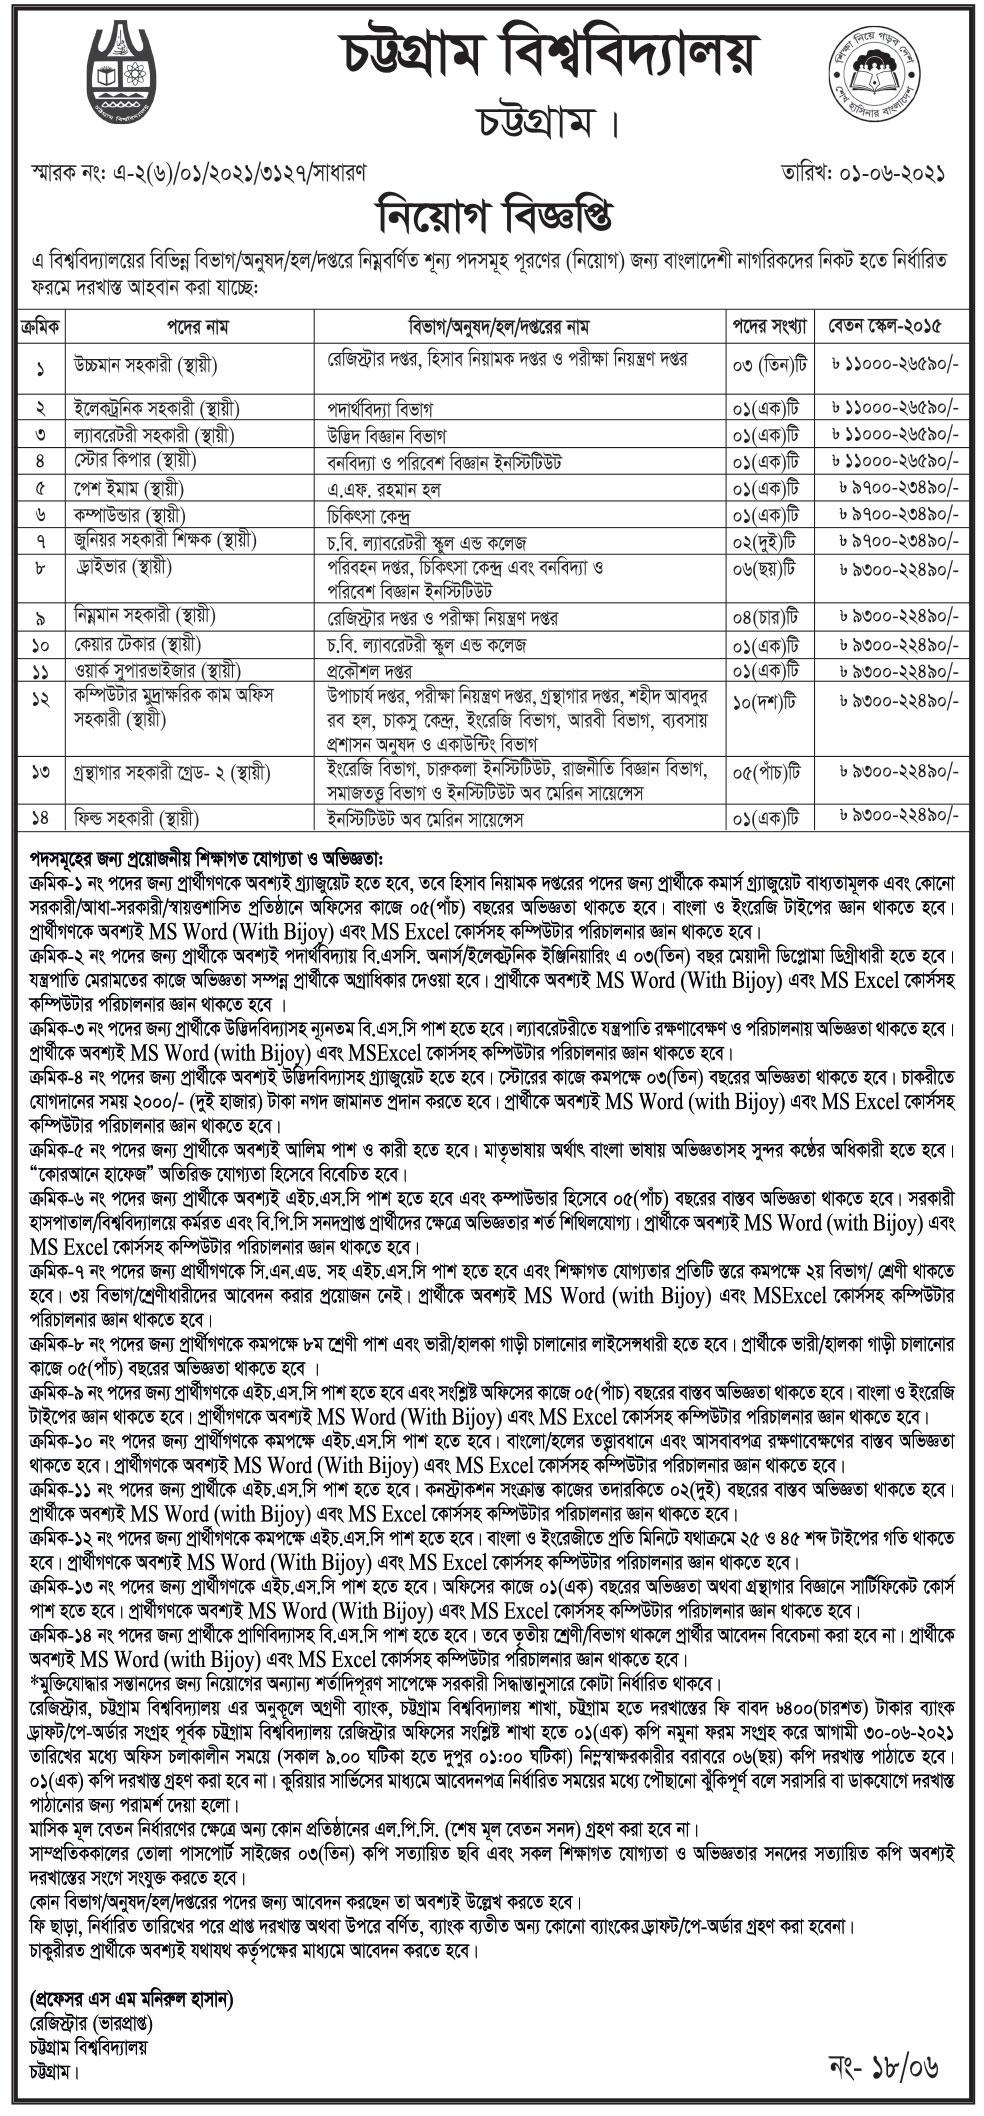 চট্টগ্রাম বিশ্ববিদ্যালয় নিয়োগ বিজ্ঞপ্তি ২০২১ - Chittagong University Job Circular 2021 - চট্ট্রগাম চাকরির খবর ২০২১